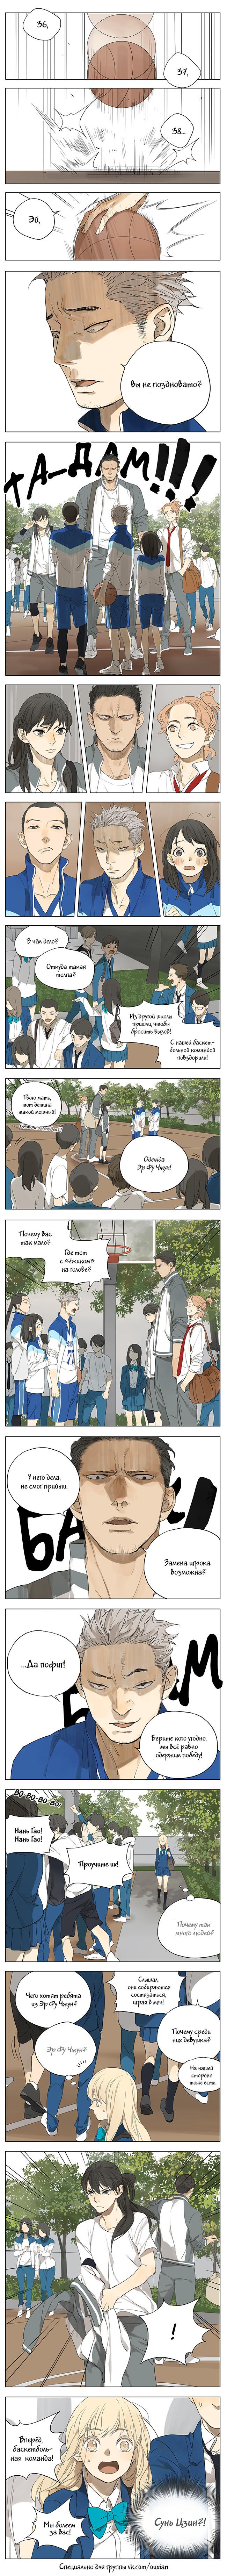 Их история 1 - 97 Баскетбольная площадка.